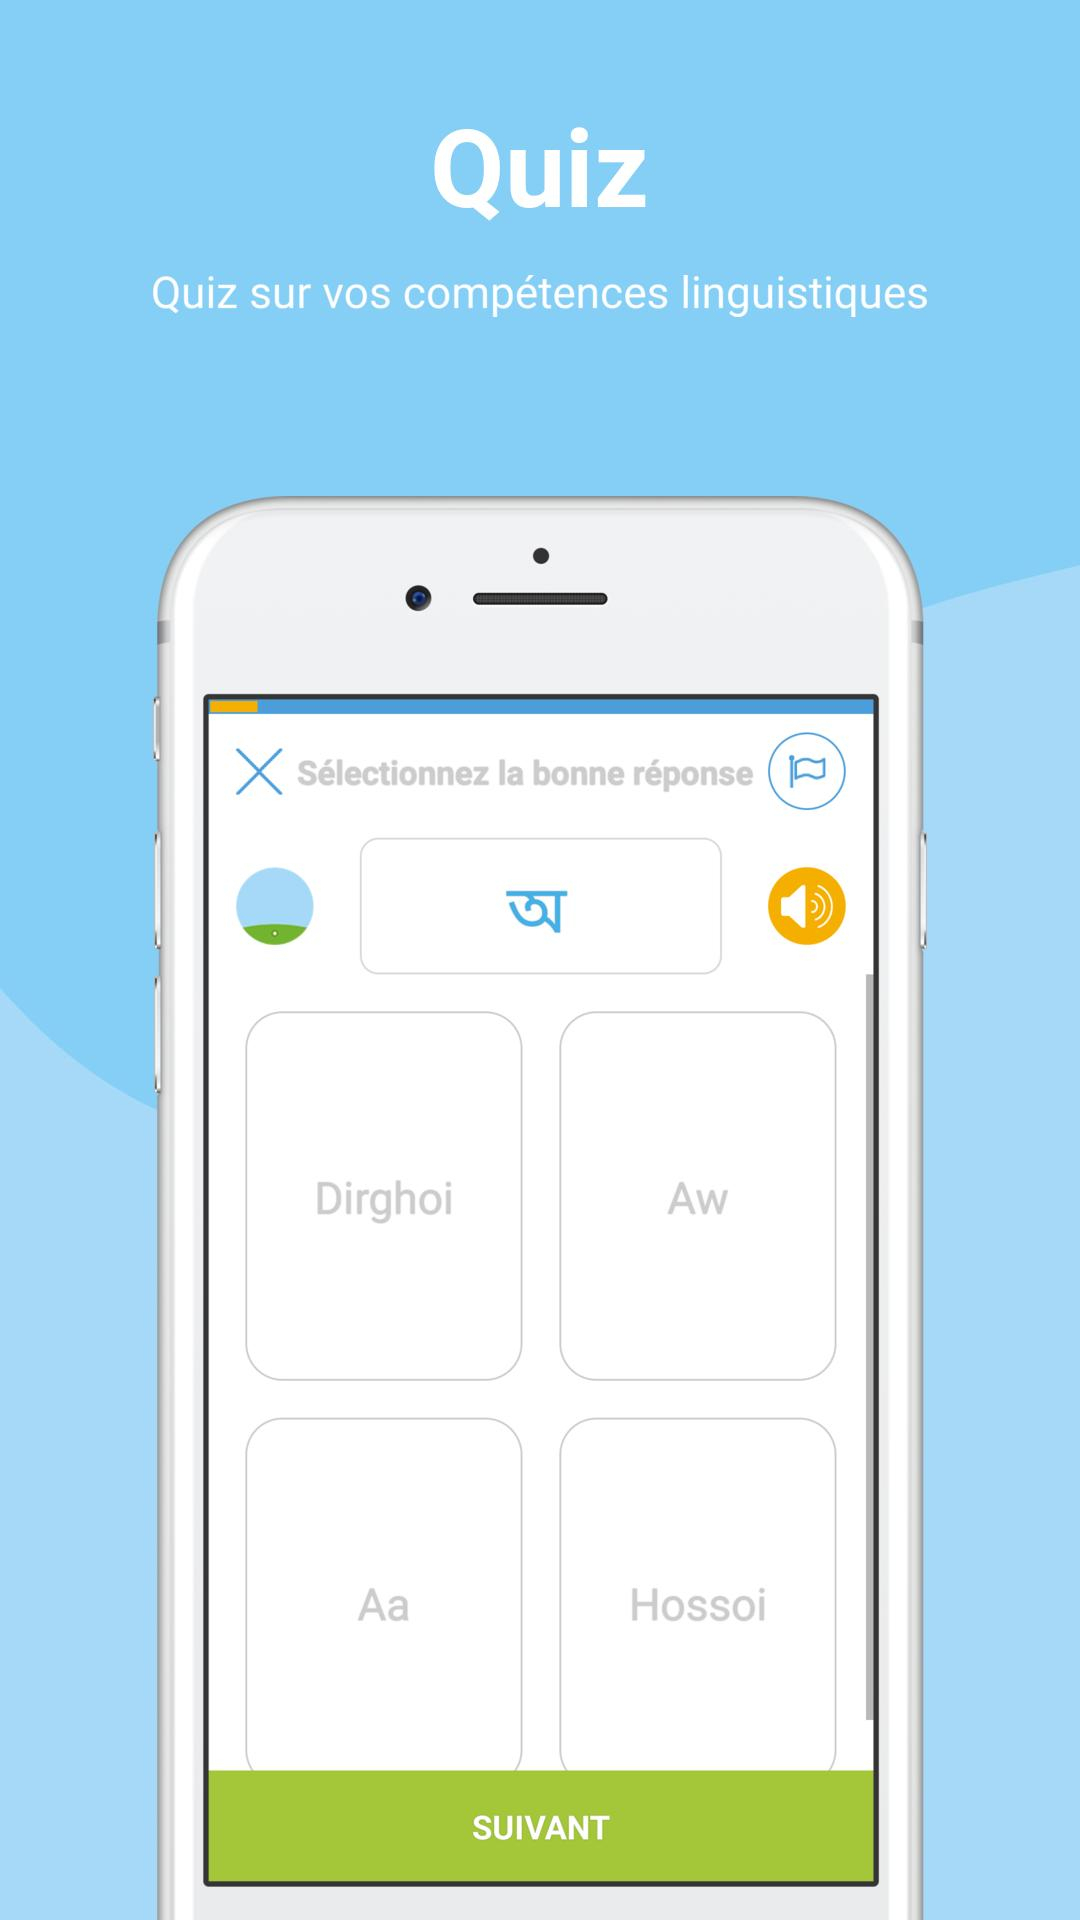 Apprendre À Écrire L'alphabet Bengali Pour Android avec Apprendre A Ecrire L Alphabet